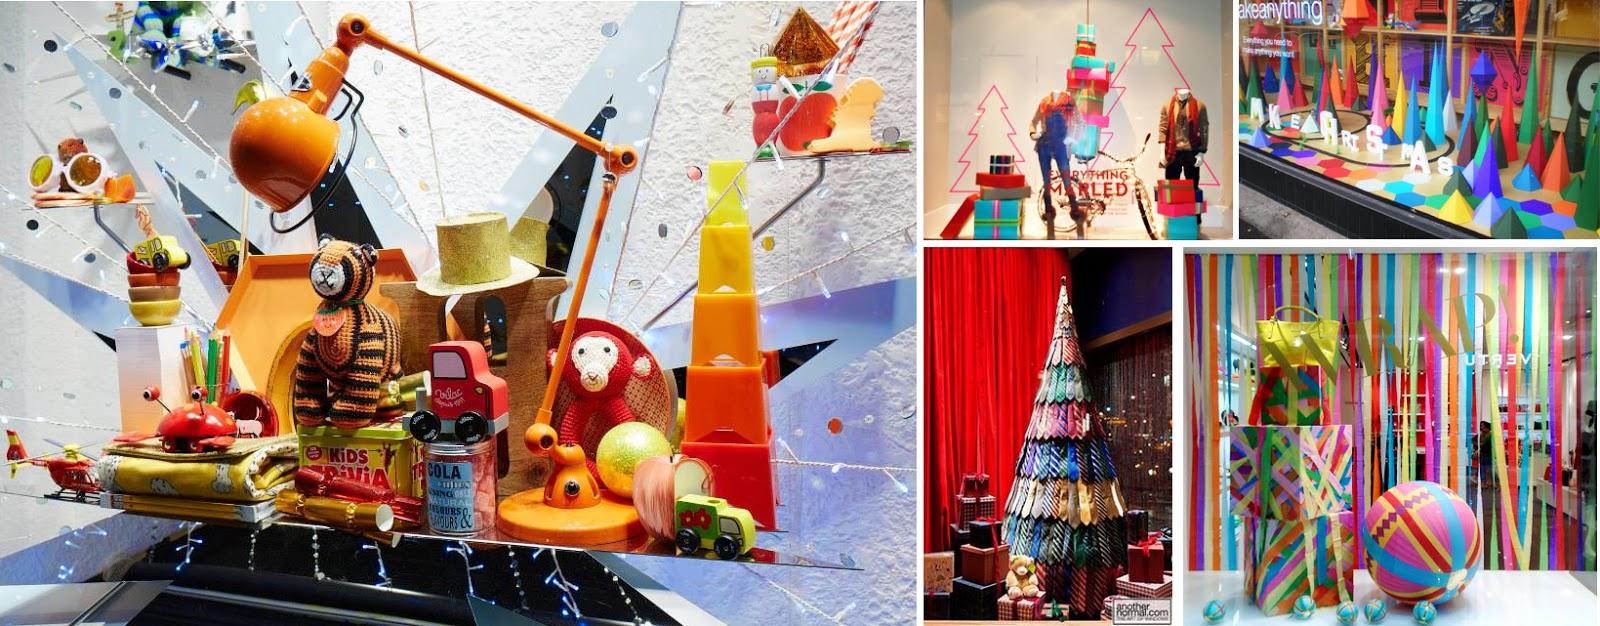 vitrines de natal coloridas design de ambientes